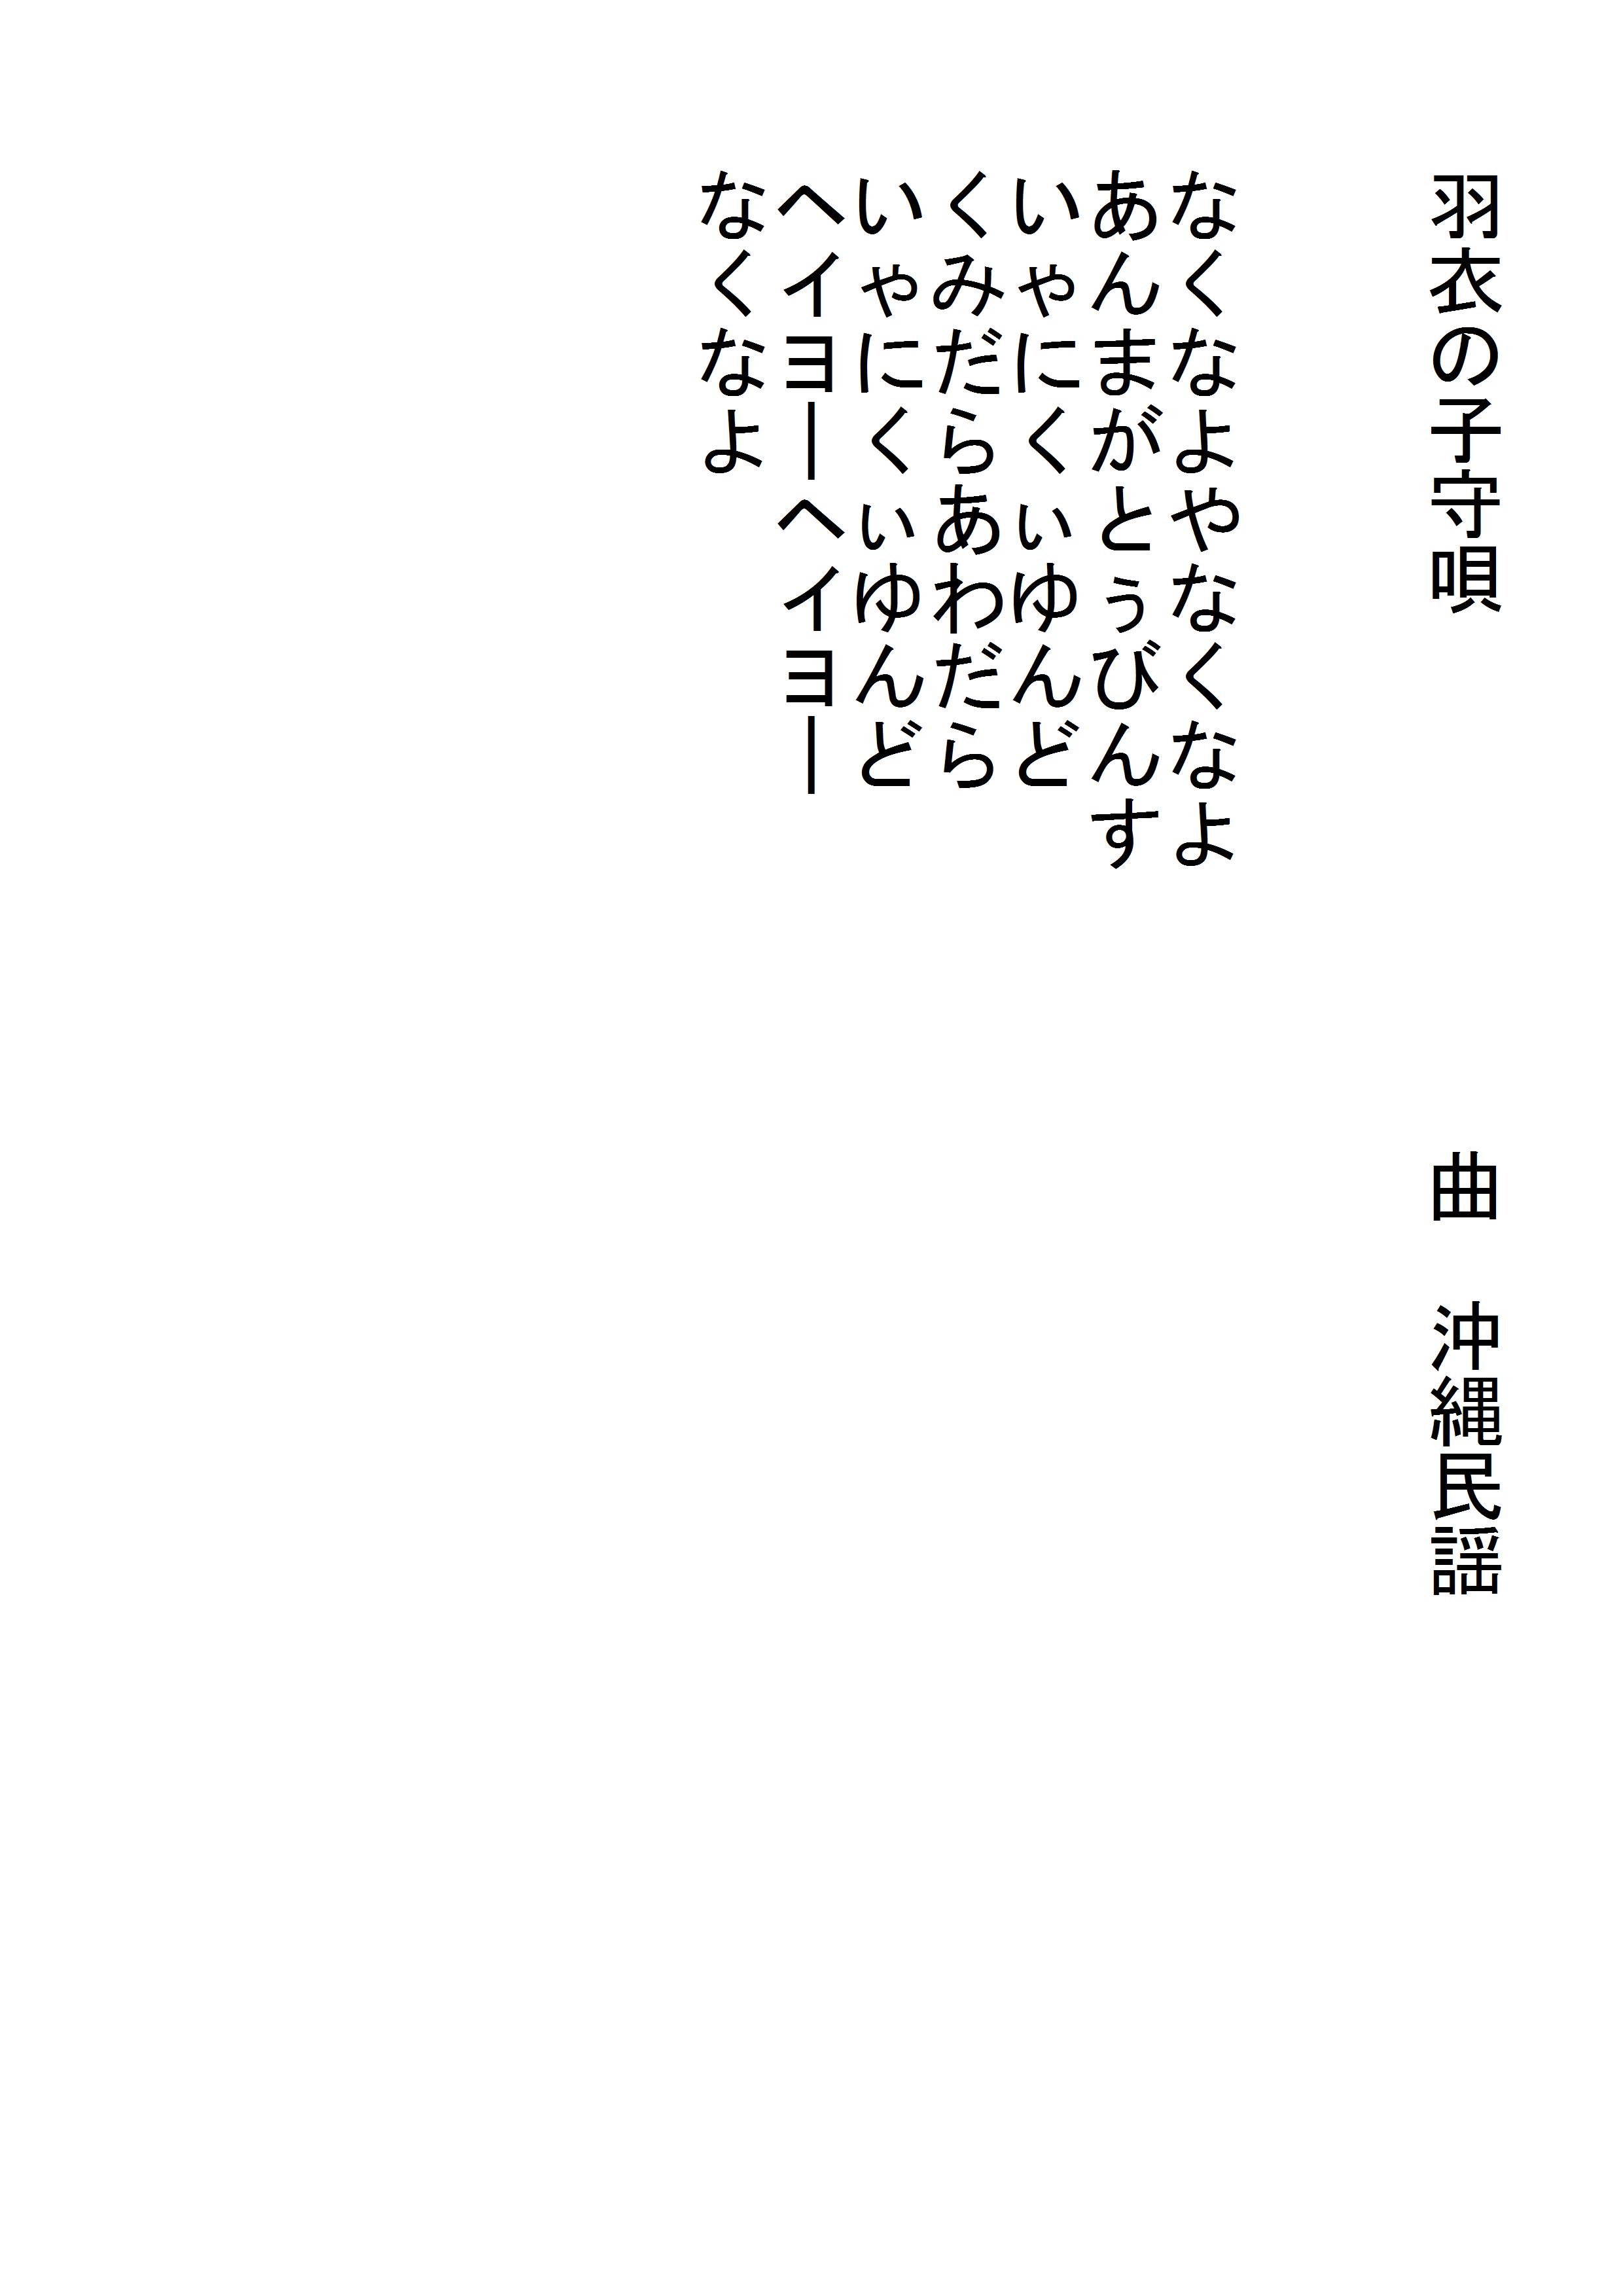 の 子守 の 歌詞 魔法 川 唄 is